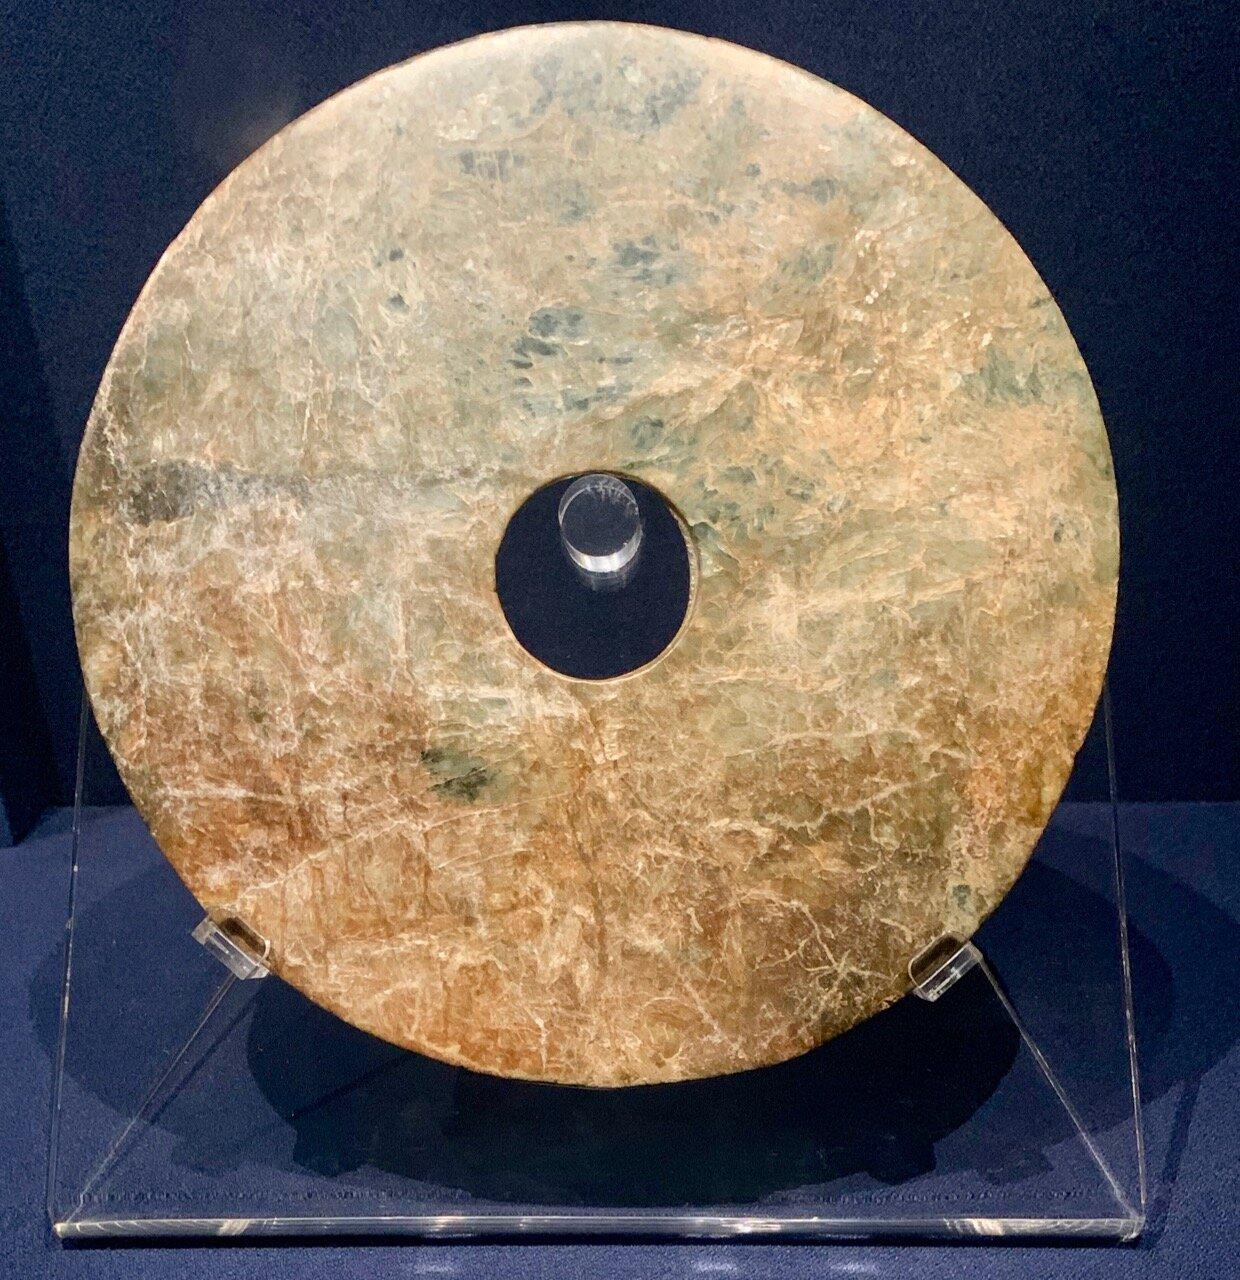 Bi Disc, Liangzhu Culture (c 3200-2200 BC)